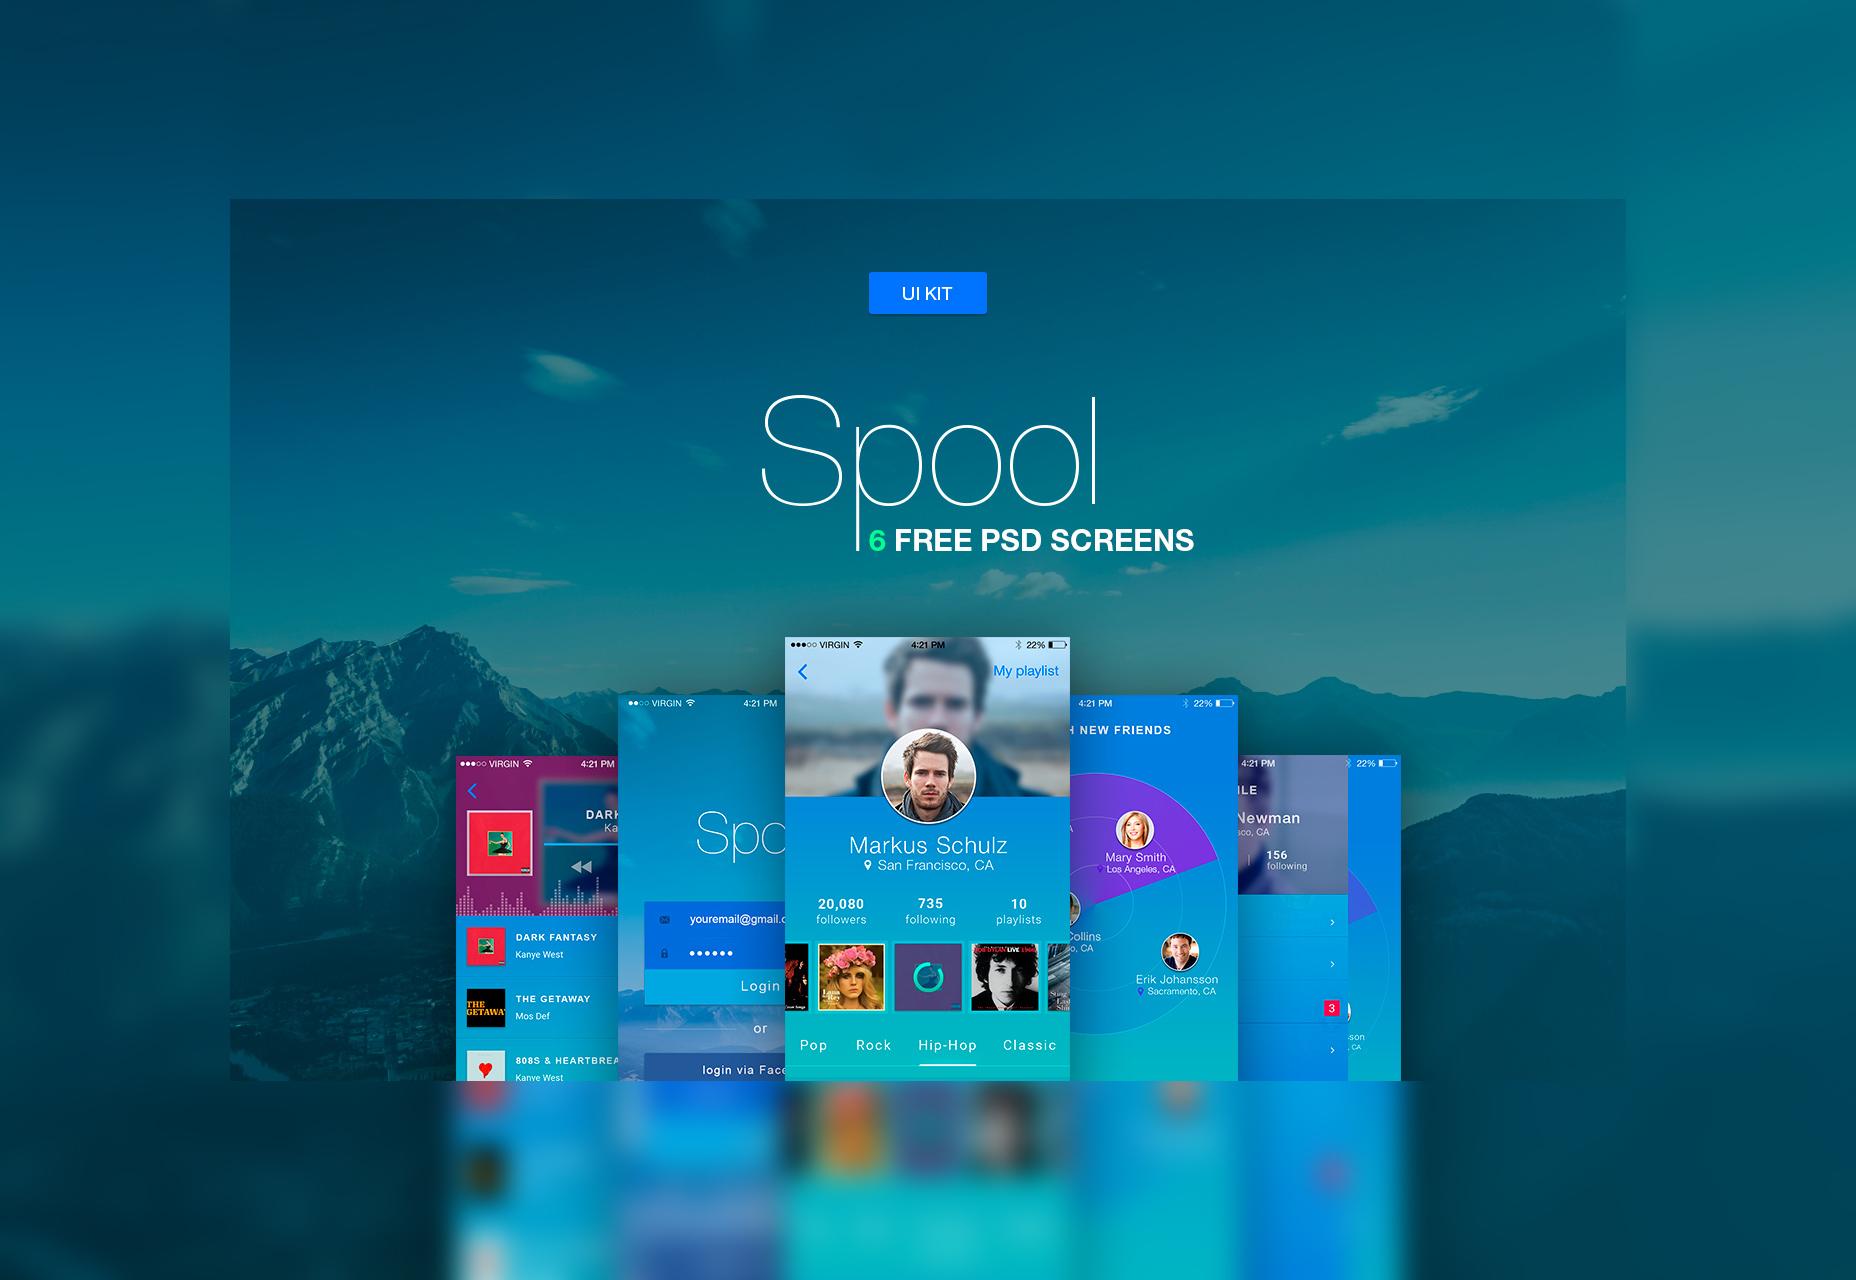 spool-iphone-material-design-ui-kit-psd